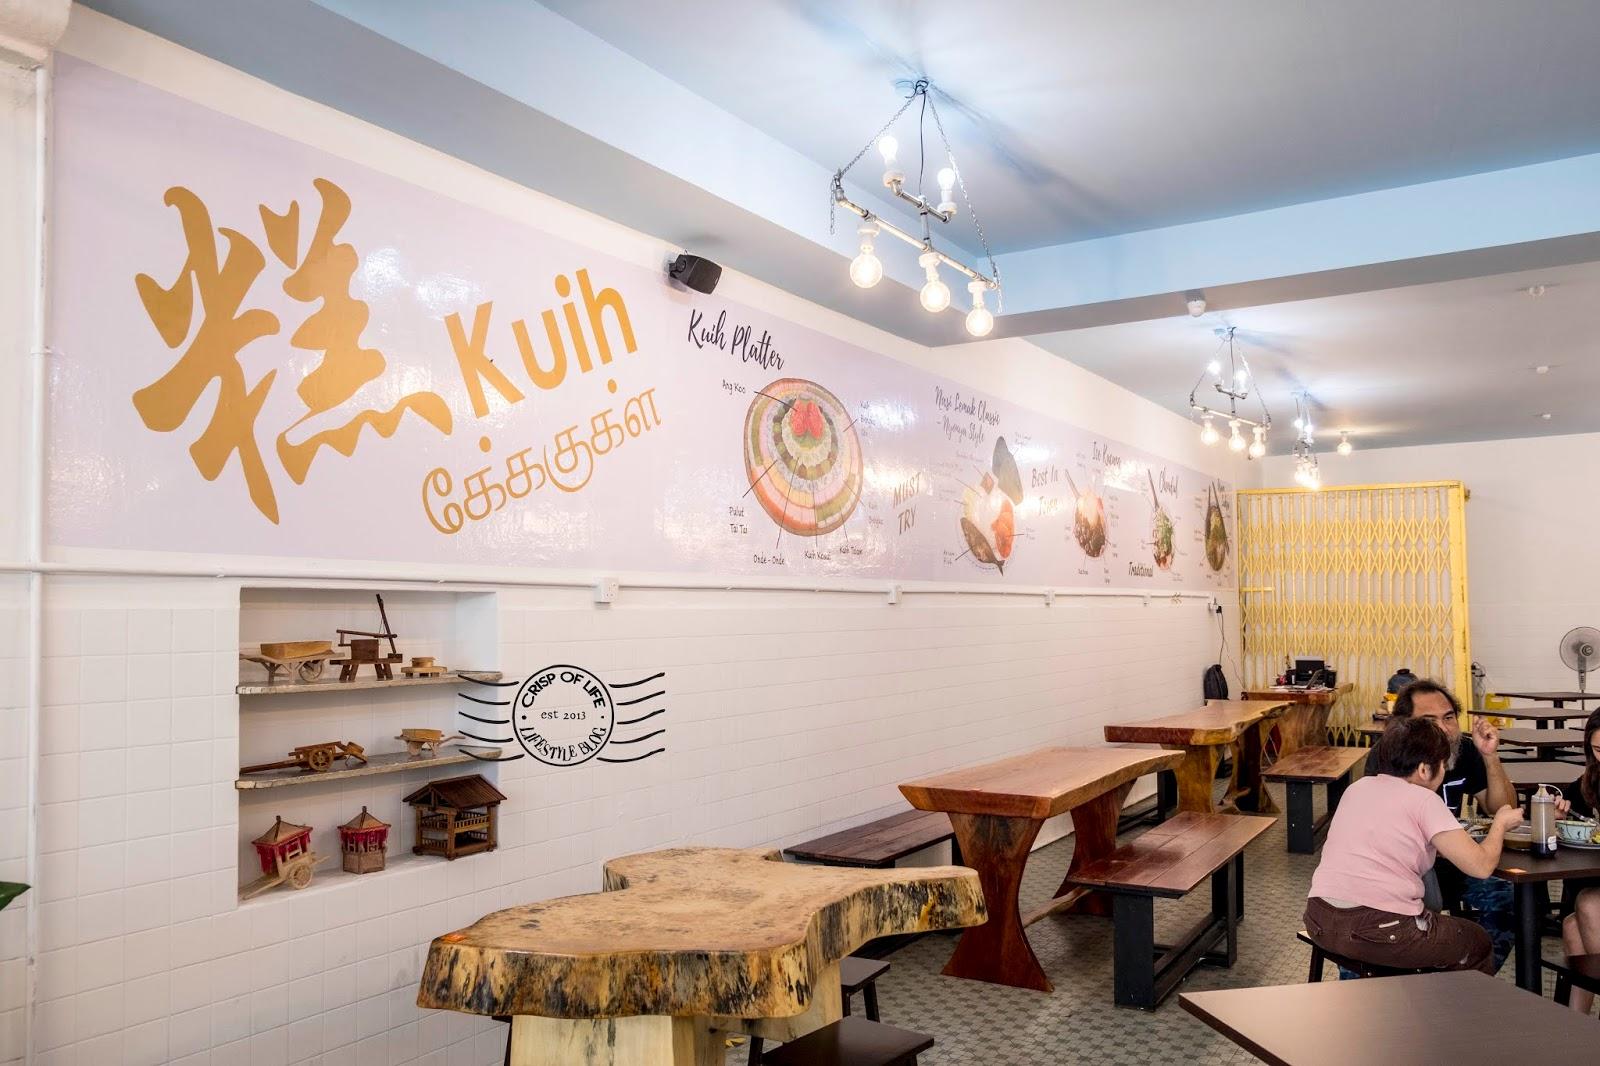 Kuih Culture 糕点文化坊 @ Lebuh Kimberly, Penang